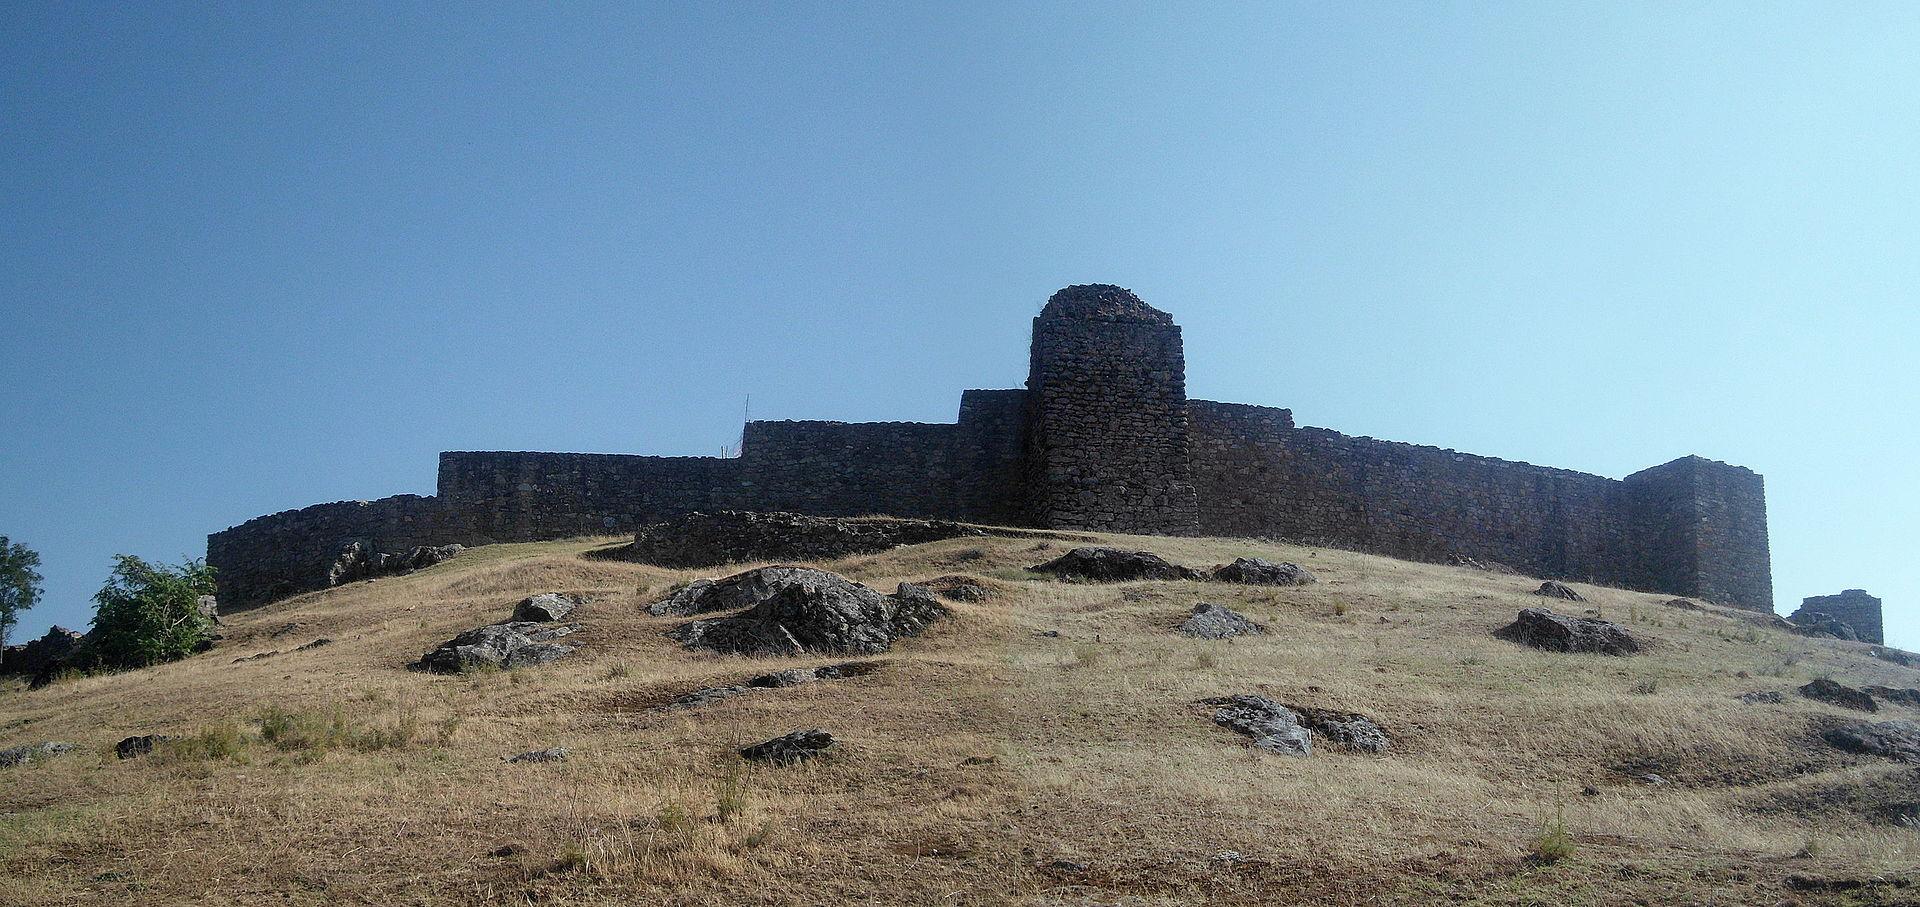 Castillo_de_Aracena.JPG